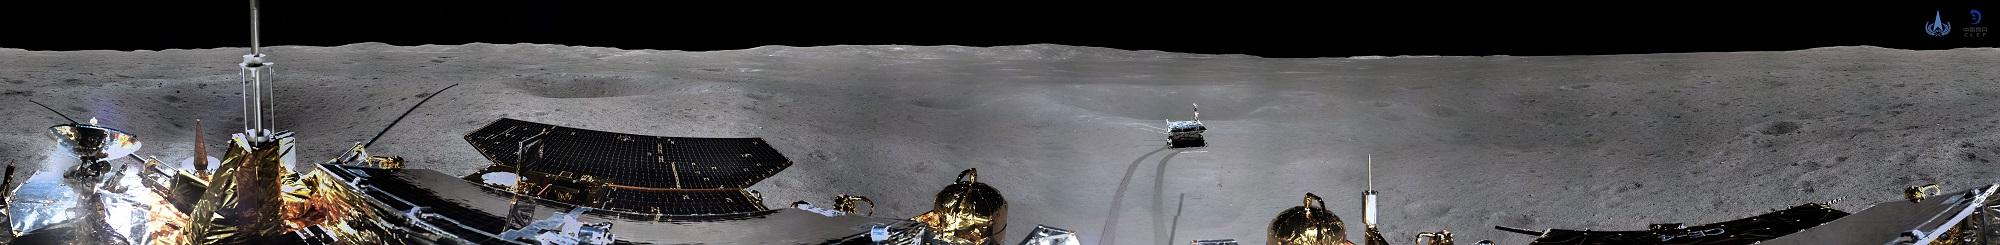 全球首张月背全景图问世 嫦娥玉兔借助鹊桥回传数据